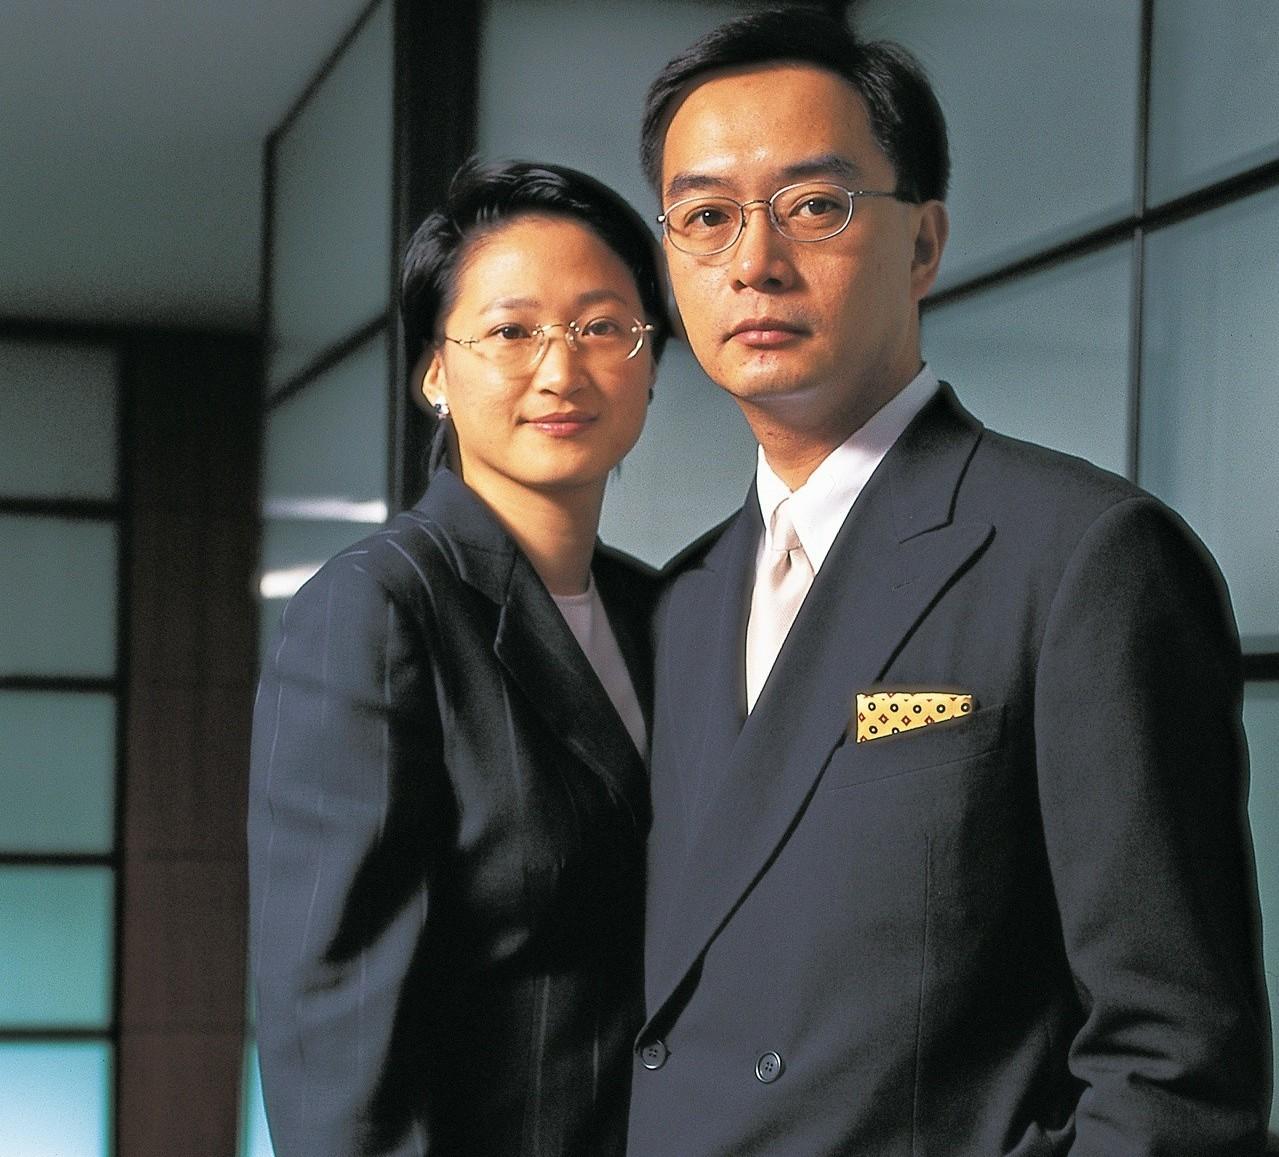 嚴凱泰逝世後品牌夢將由太太陳莉蓮(左)及專業經營團隊來接手圓夢。公司提供